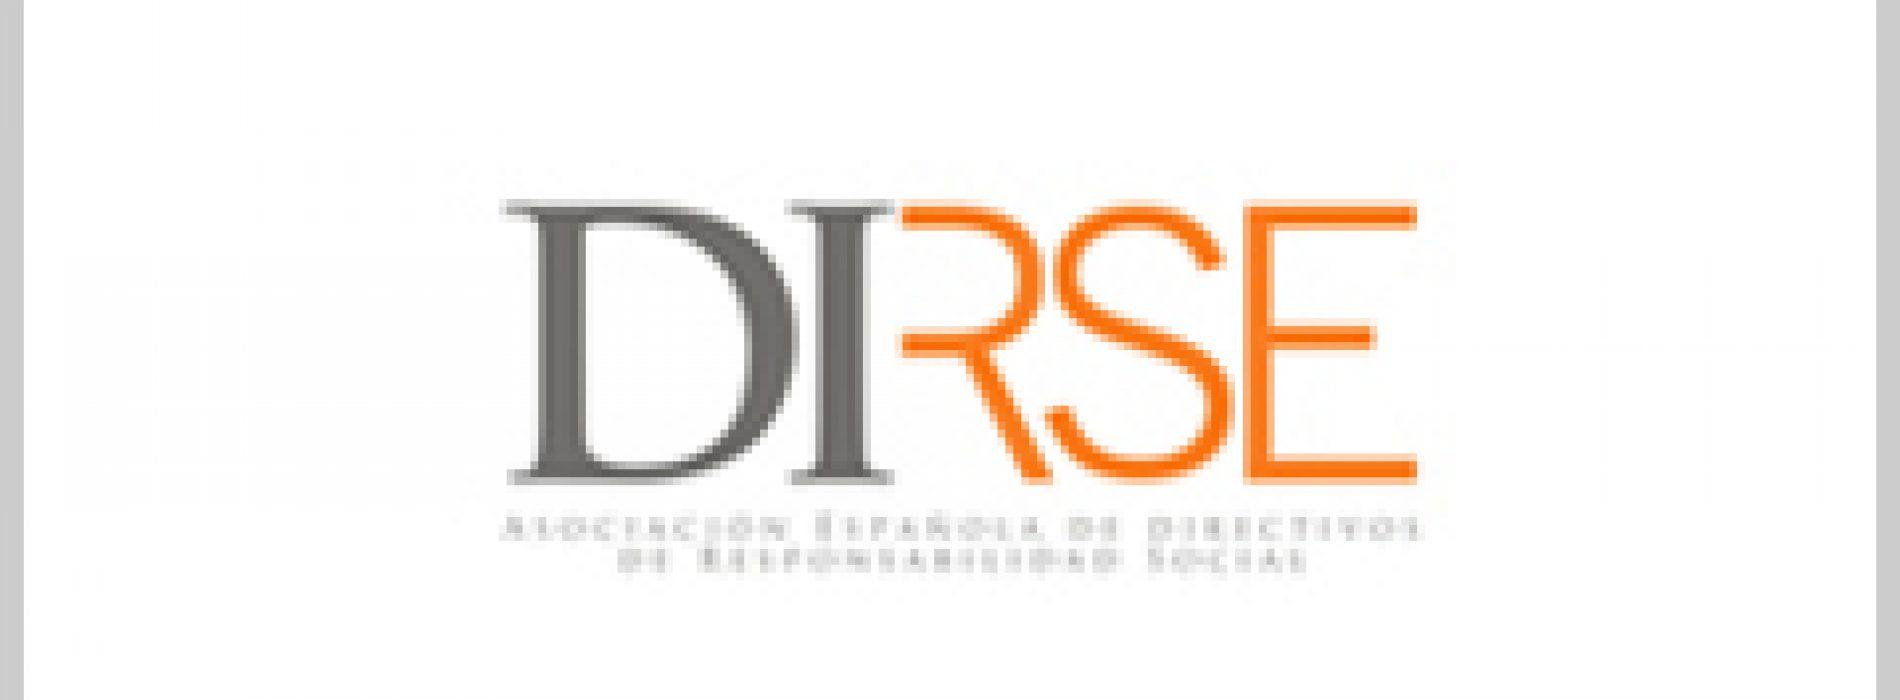 Enquesta de DIRSE sobre la funció de la responsabilitat social